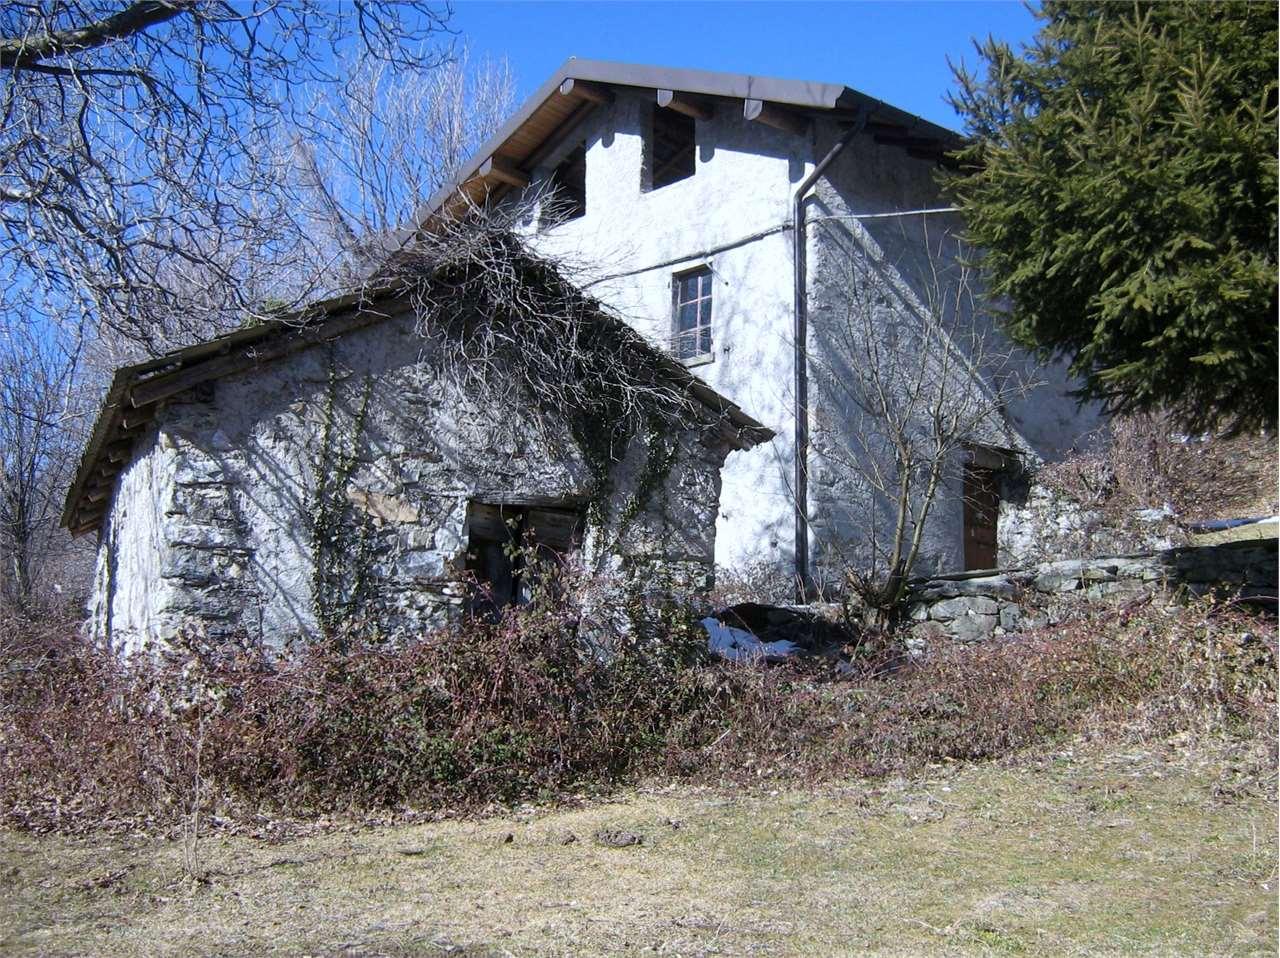 Rustico / Casale in vendita a Veleso, 9 locali, prezzo € 180.000 | Cambio Casa.it